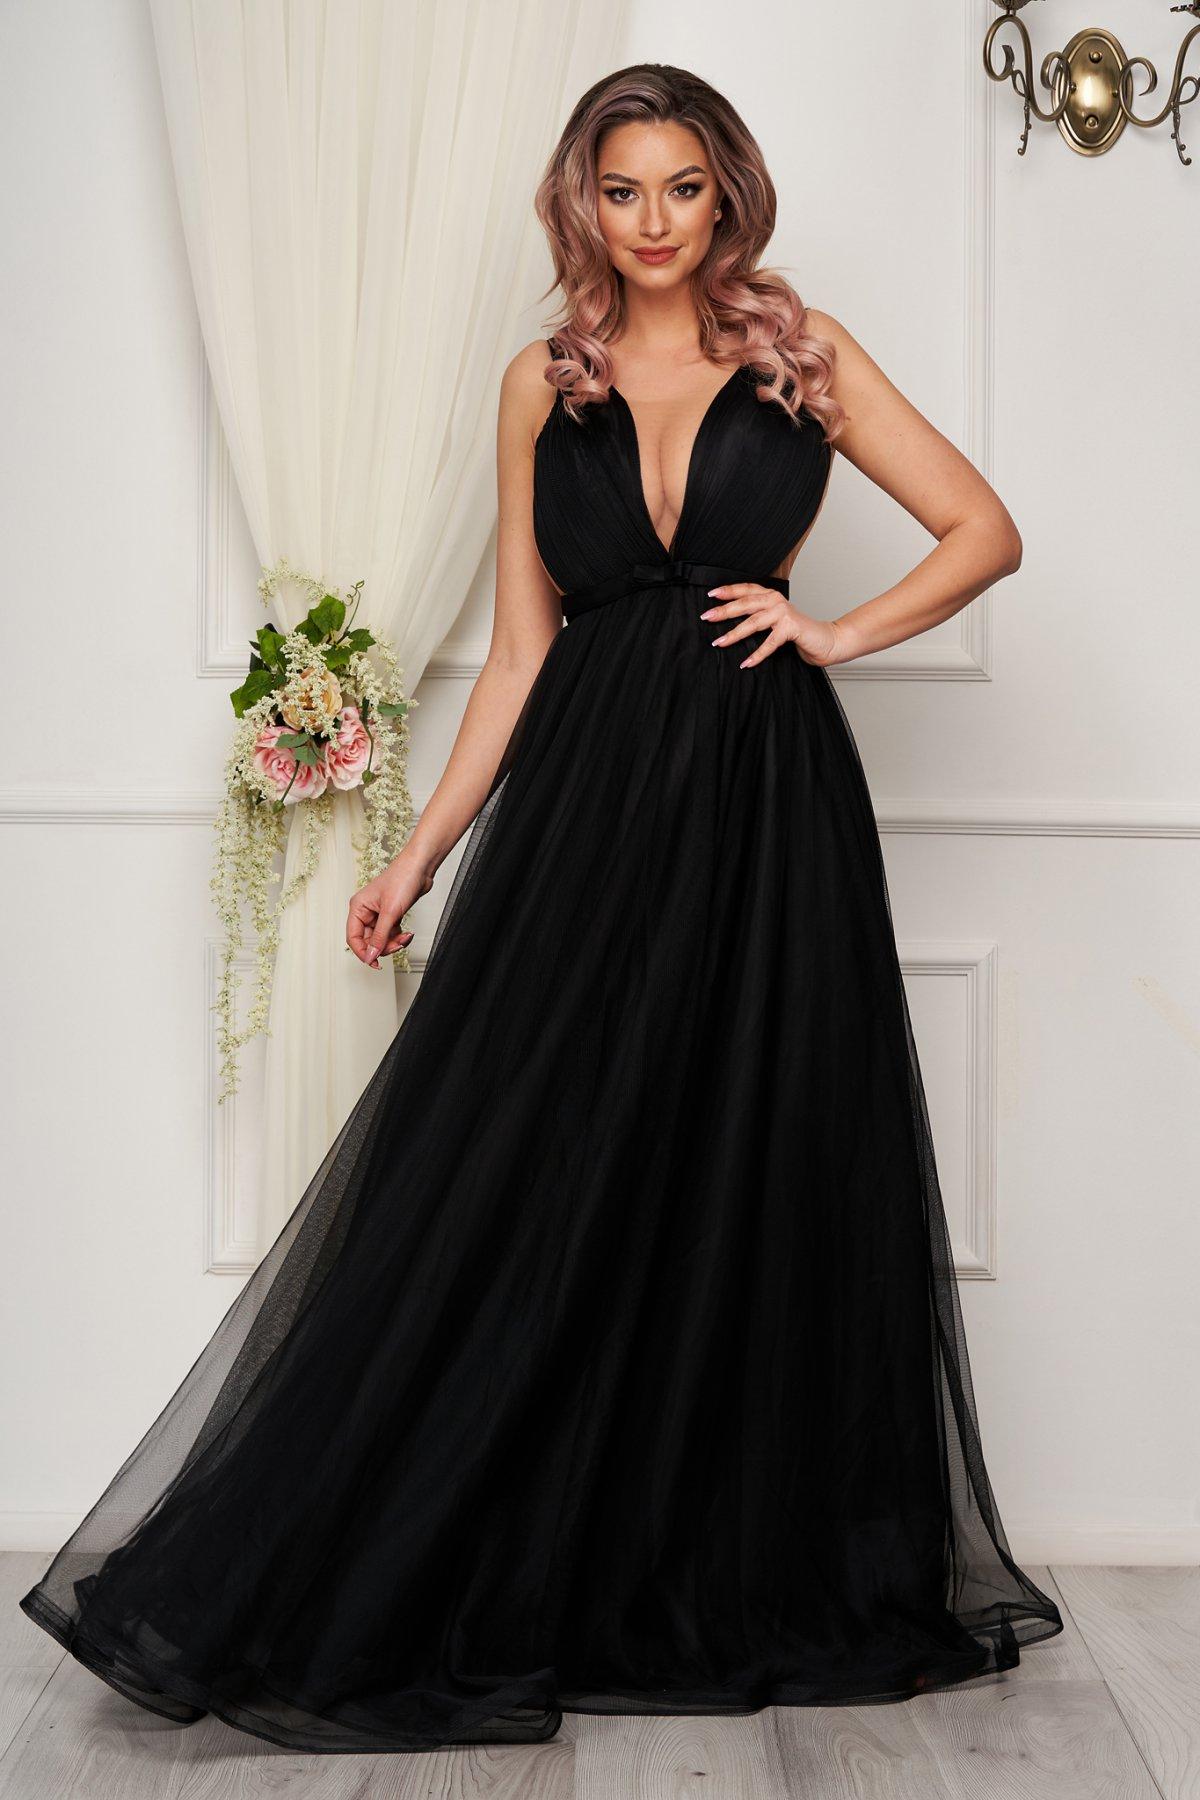 Rochie de lux neagra in clos din tul cu corset la spate - medelin.ro